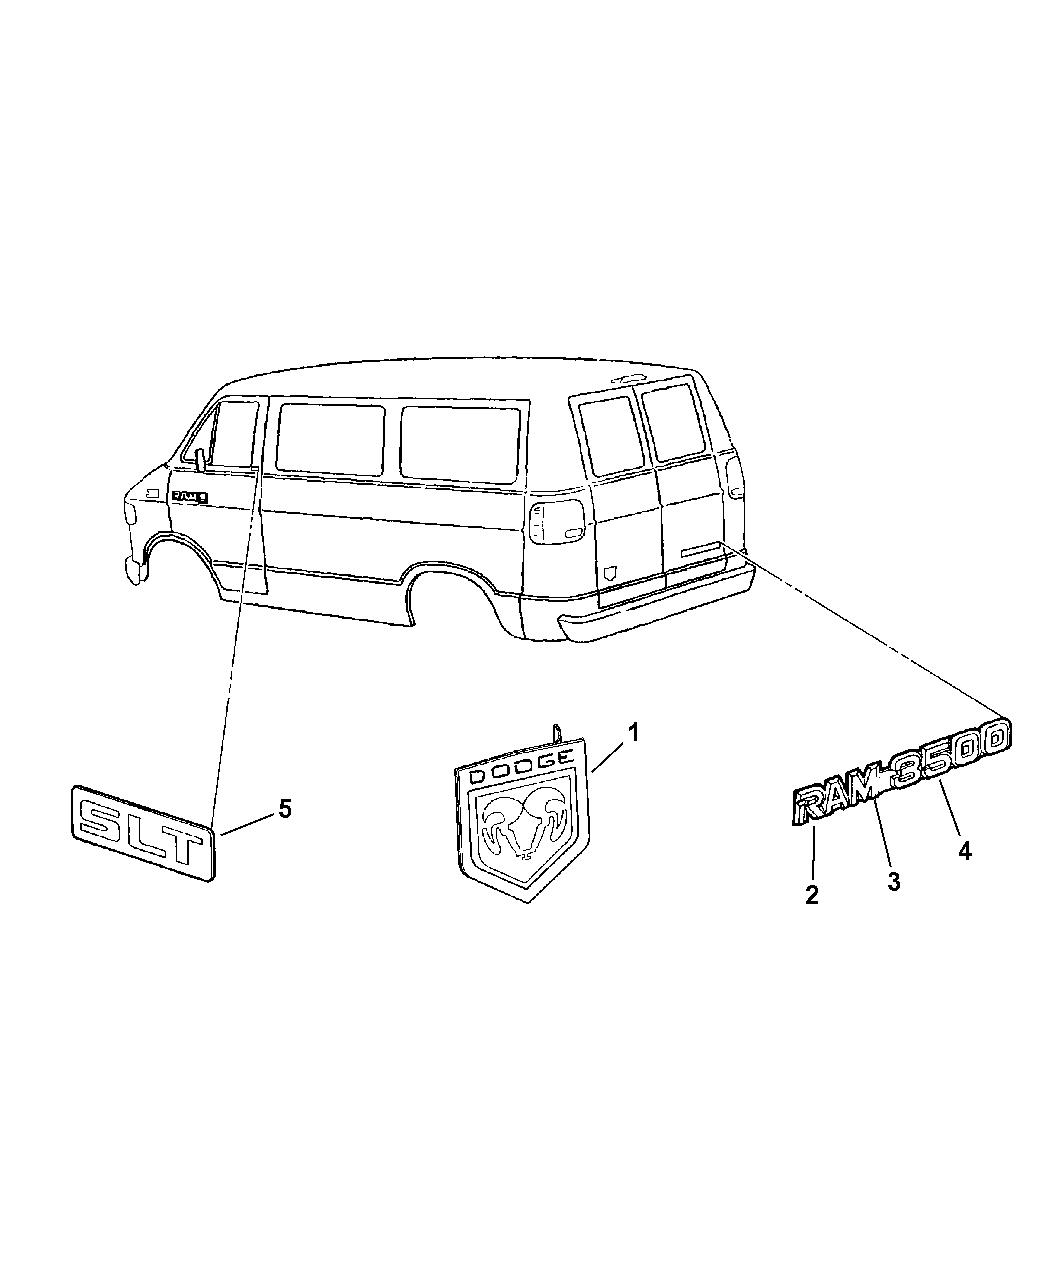 1999 Dodge Ram Van Nameplates & Decals - Mopar Parts Giant